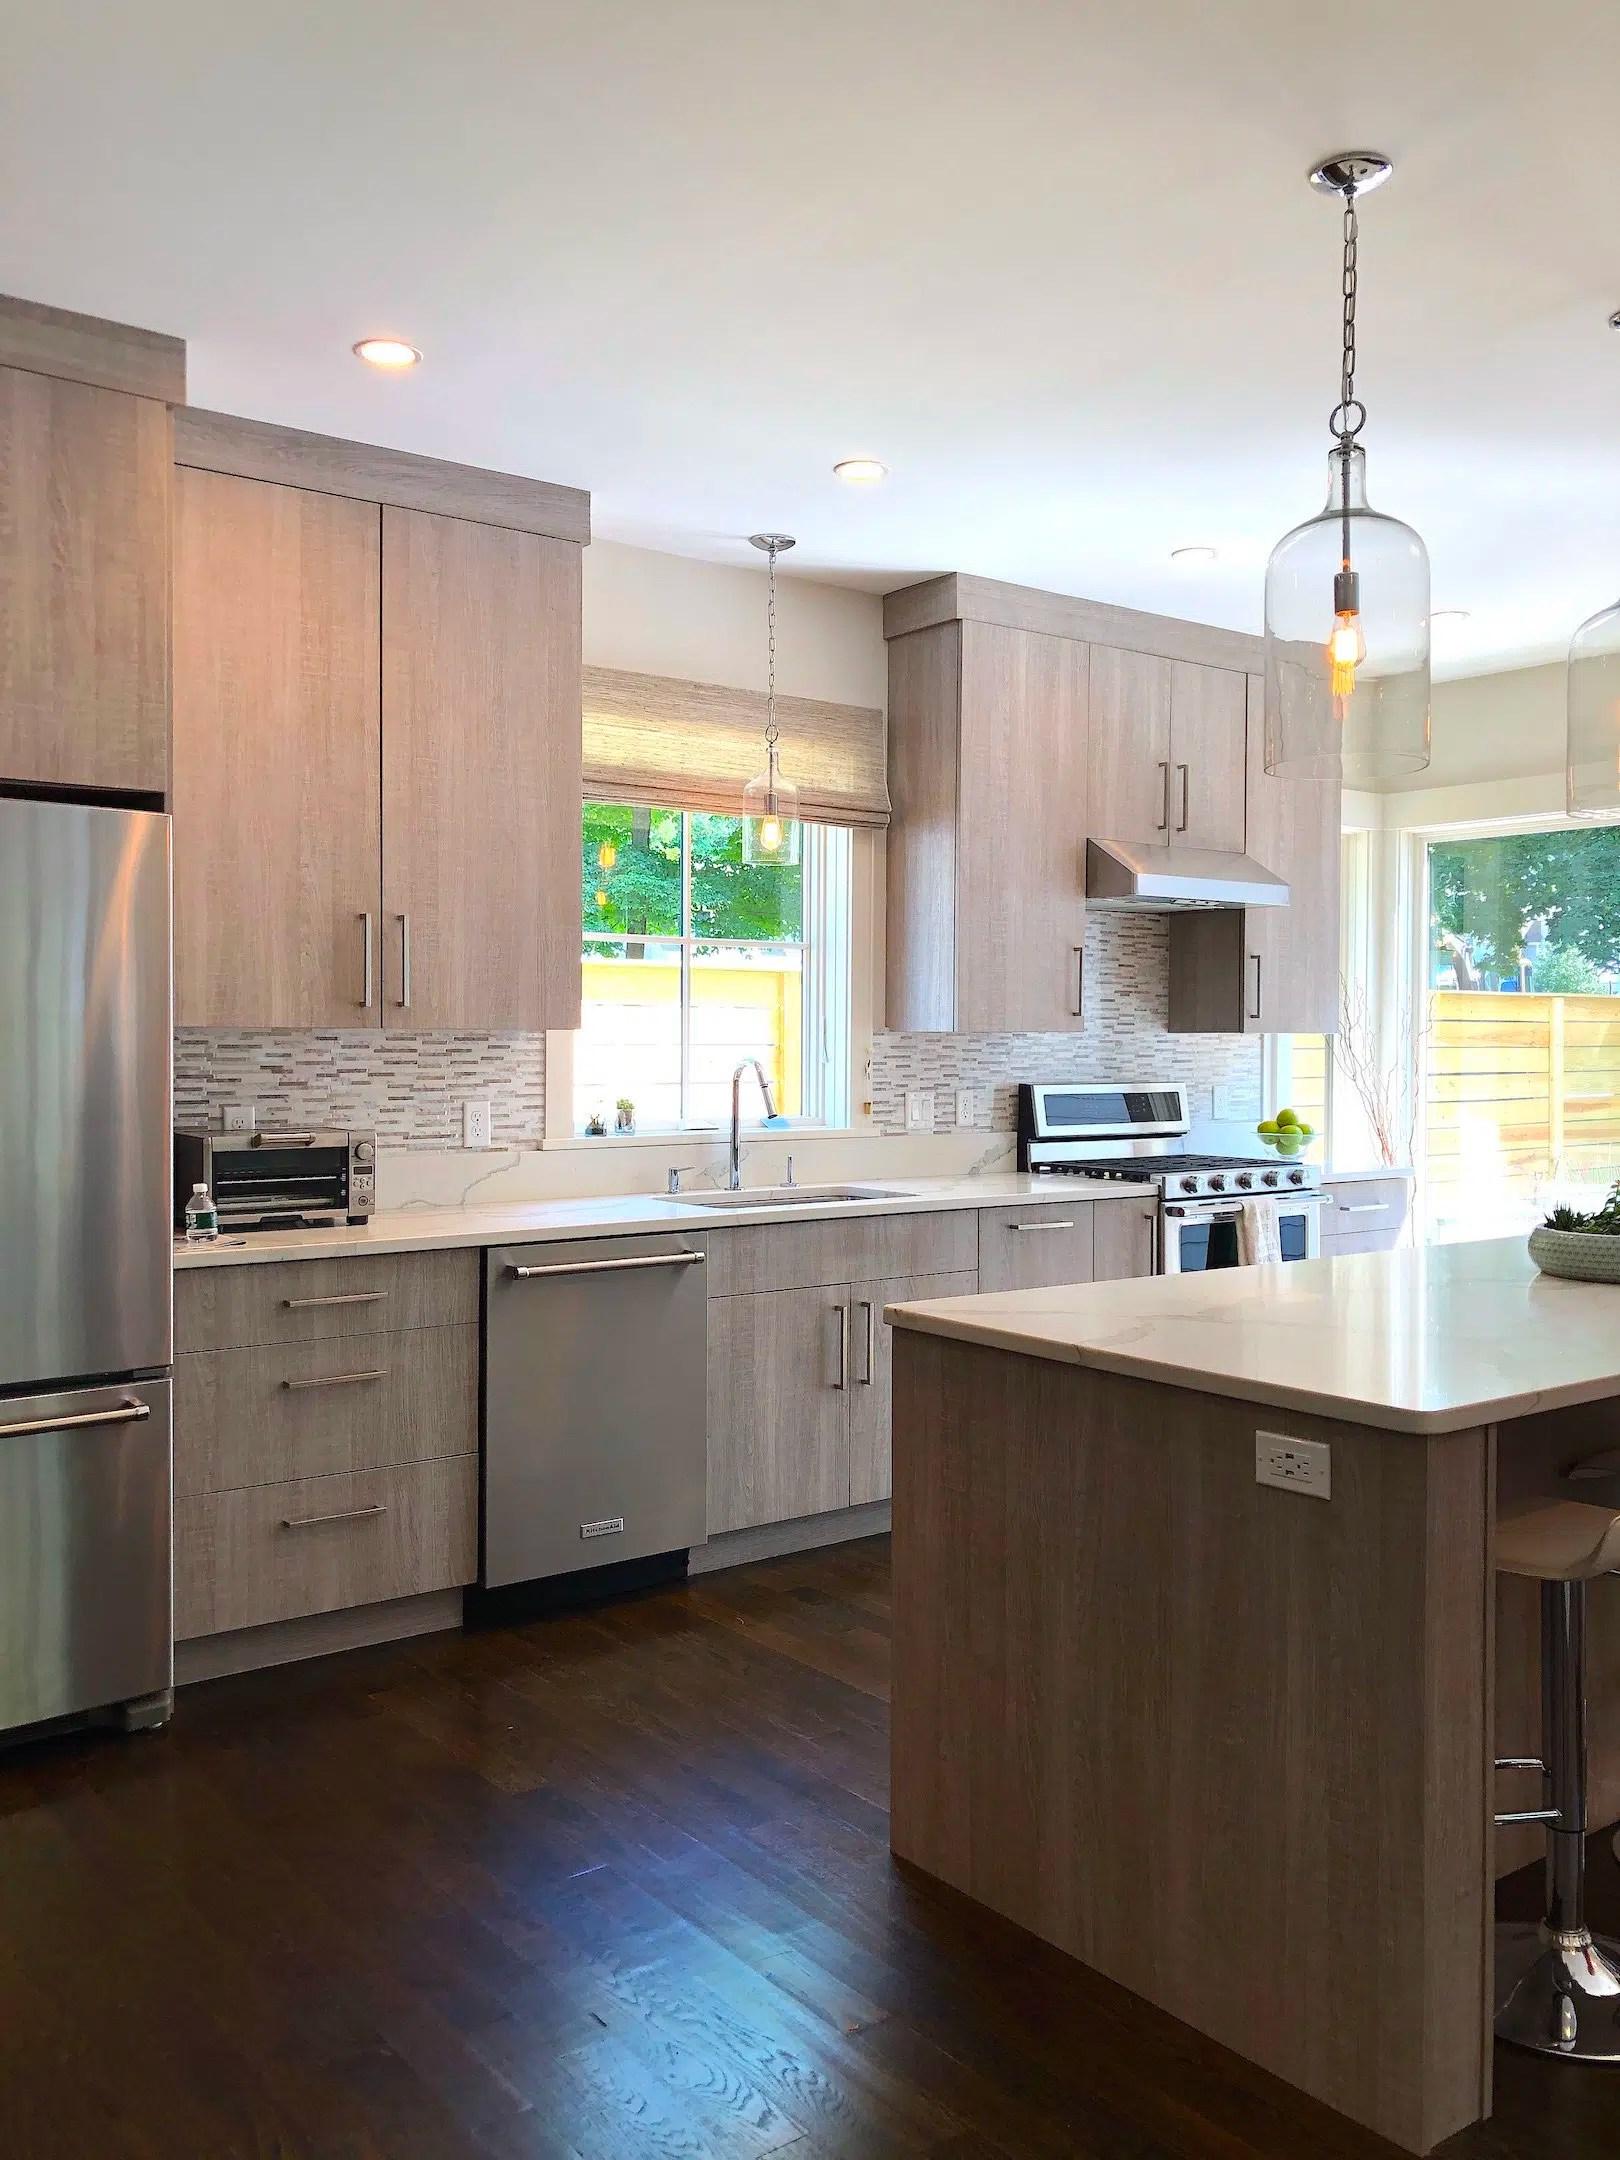 Merrimack St Kitchen 1 mid-size stylish kitchen